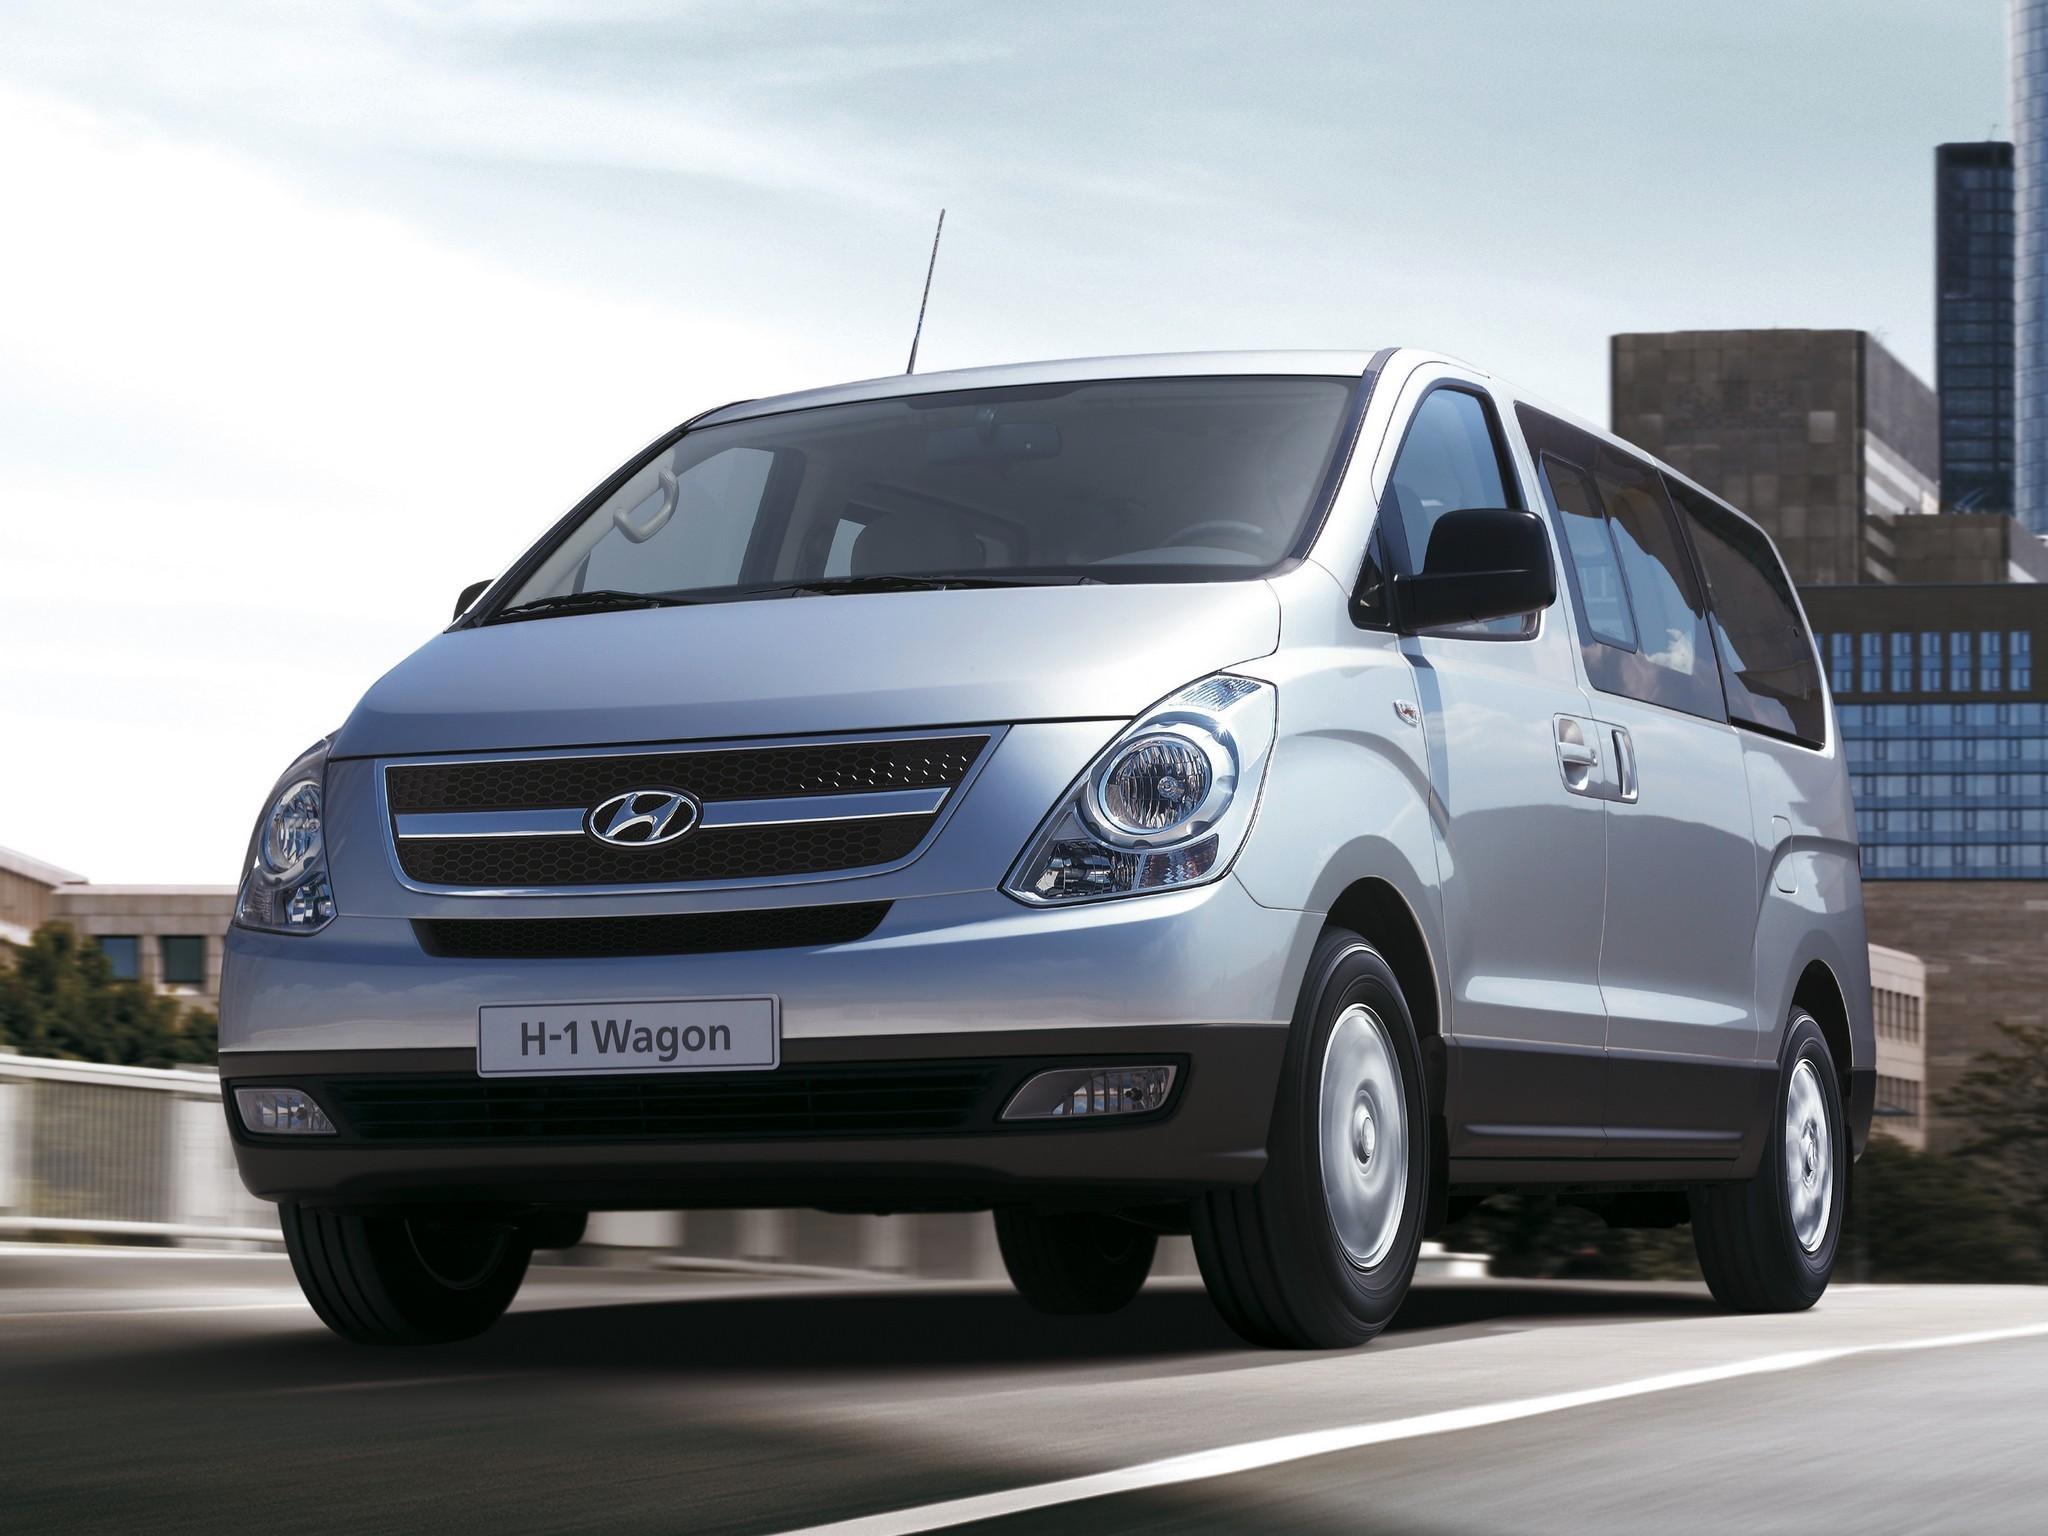 Hyundai I H